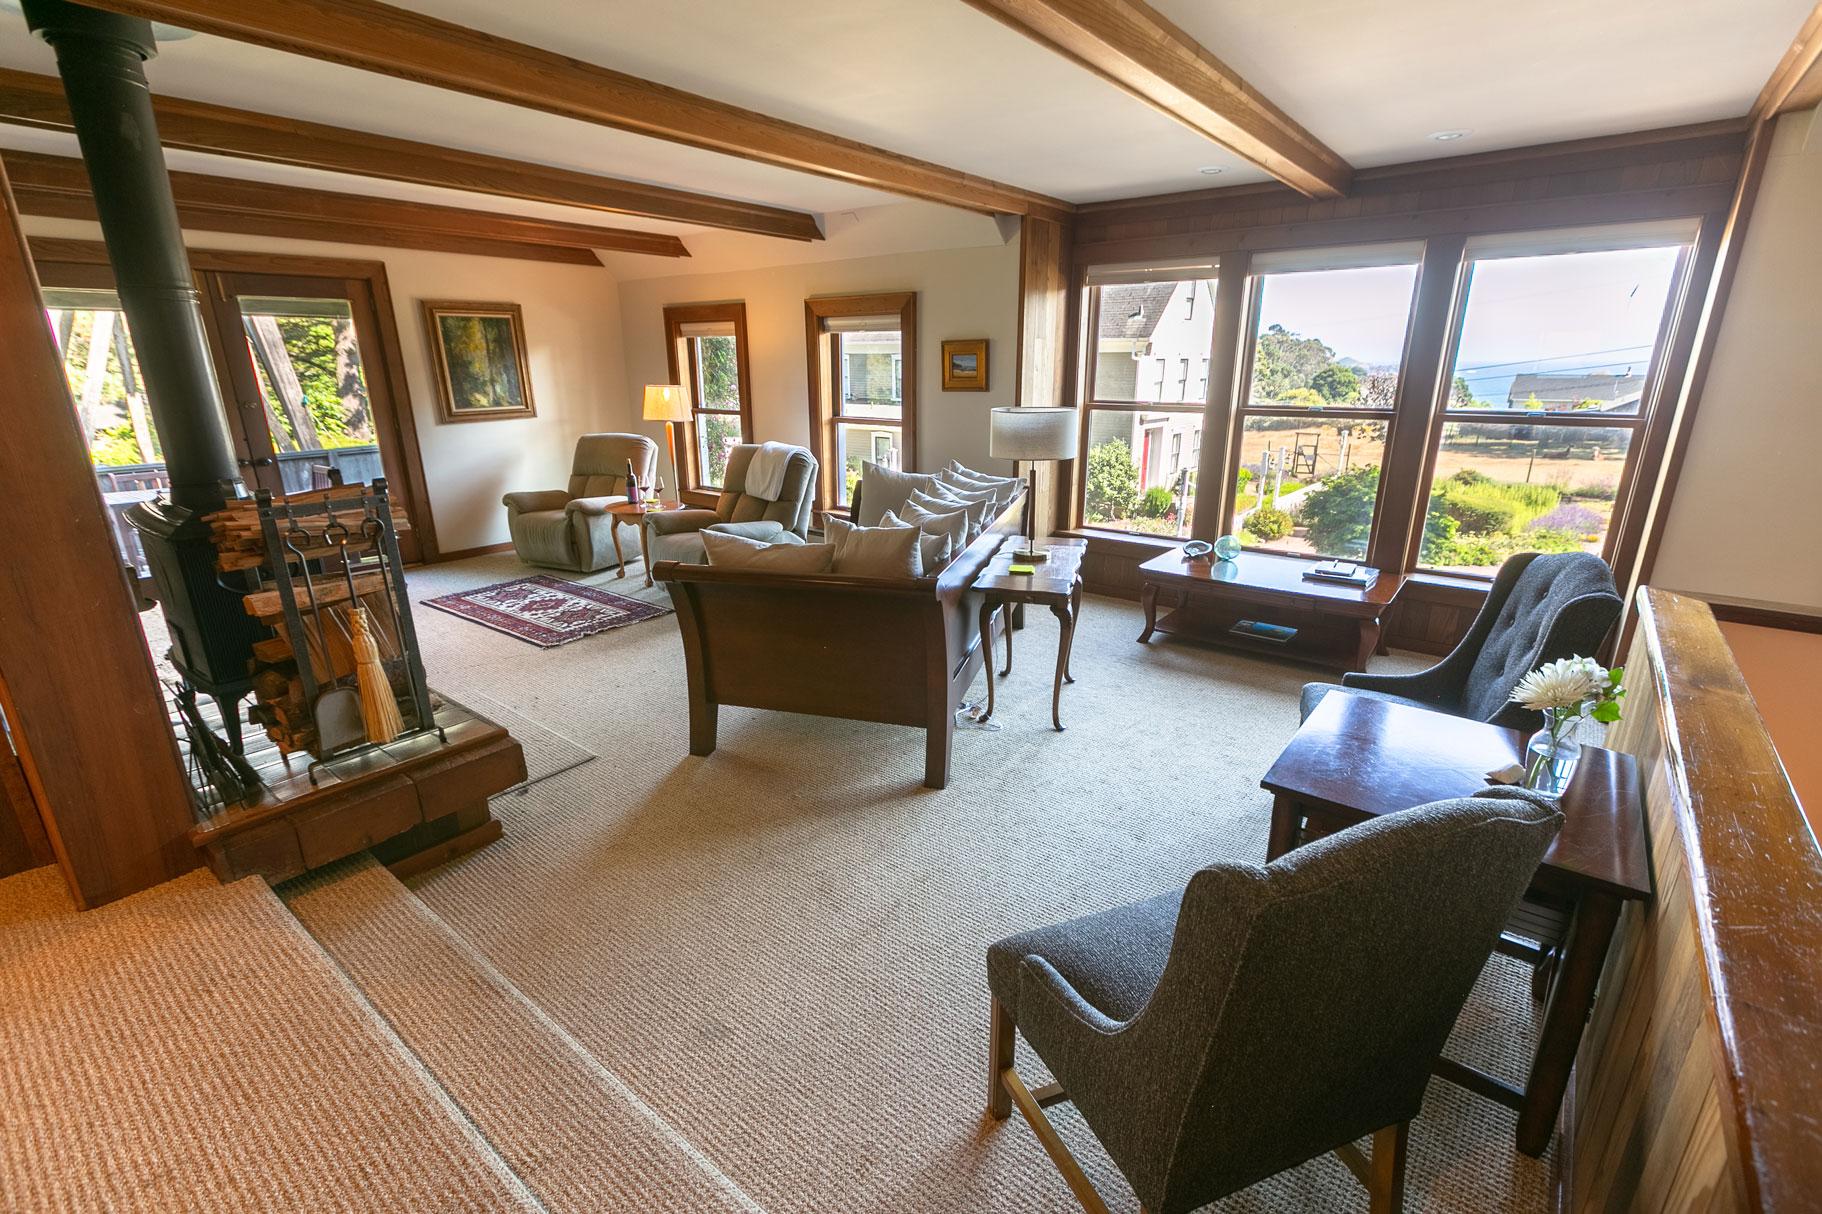 Barn Loft Living Room in Glendeven Inn outside Mendocino